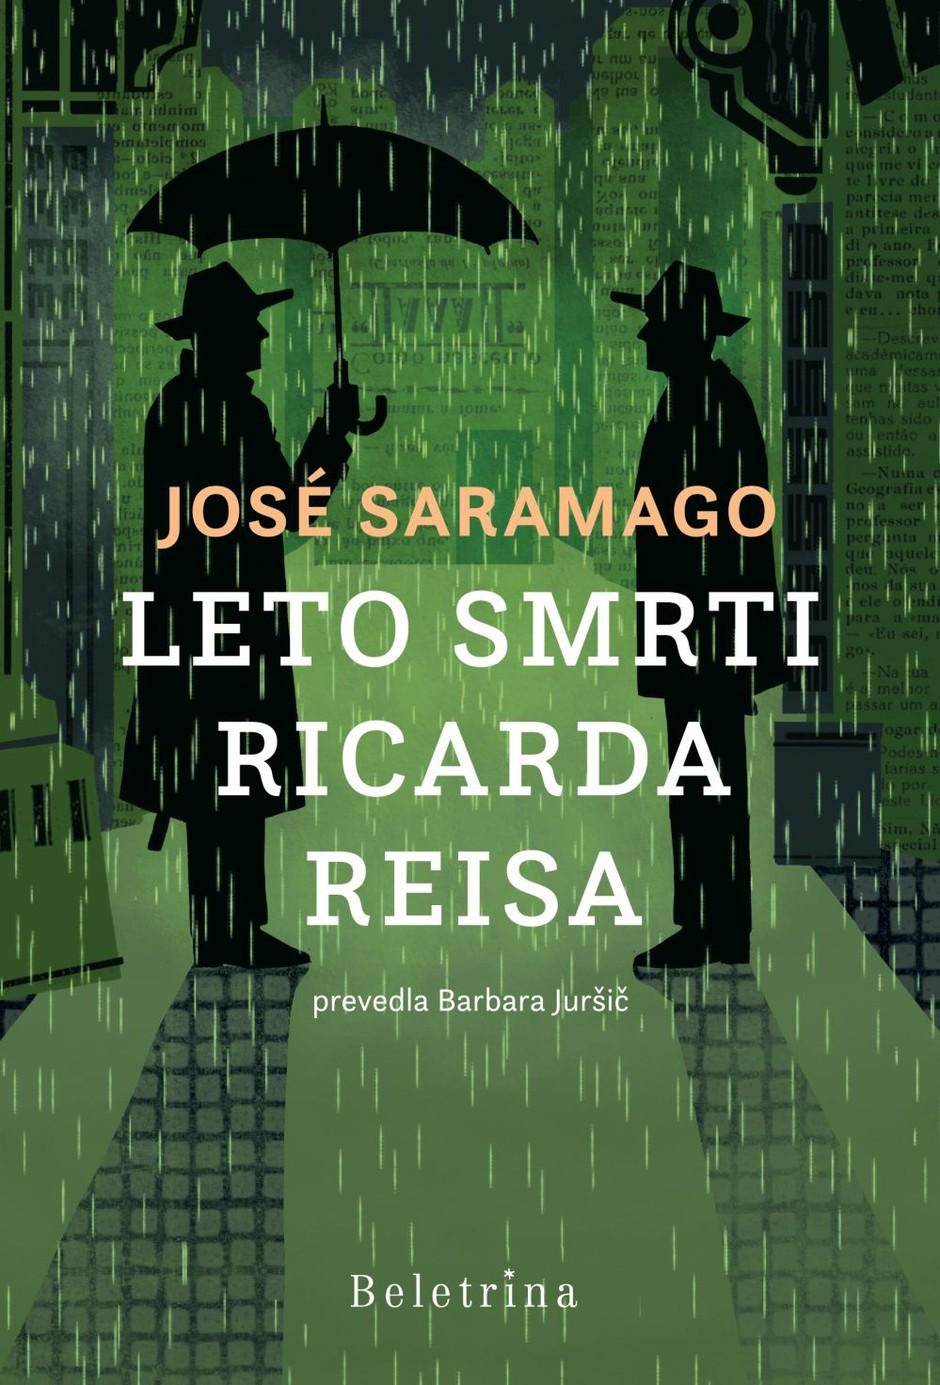 Knjižna novost: Roman portugalskega velikana Joseja Saramaga Leto smrti Ricarda Reisa zdaj tudi v slovenskem prevodu (foto: Promocijsko gradivo)